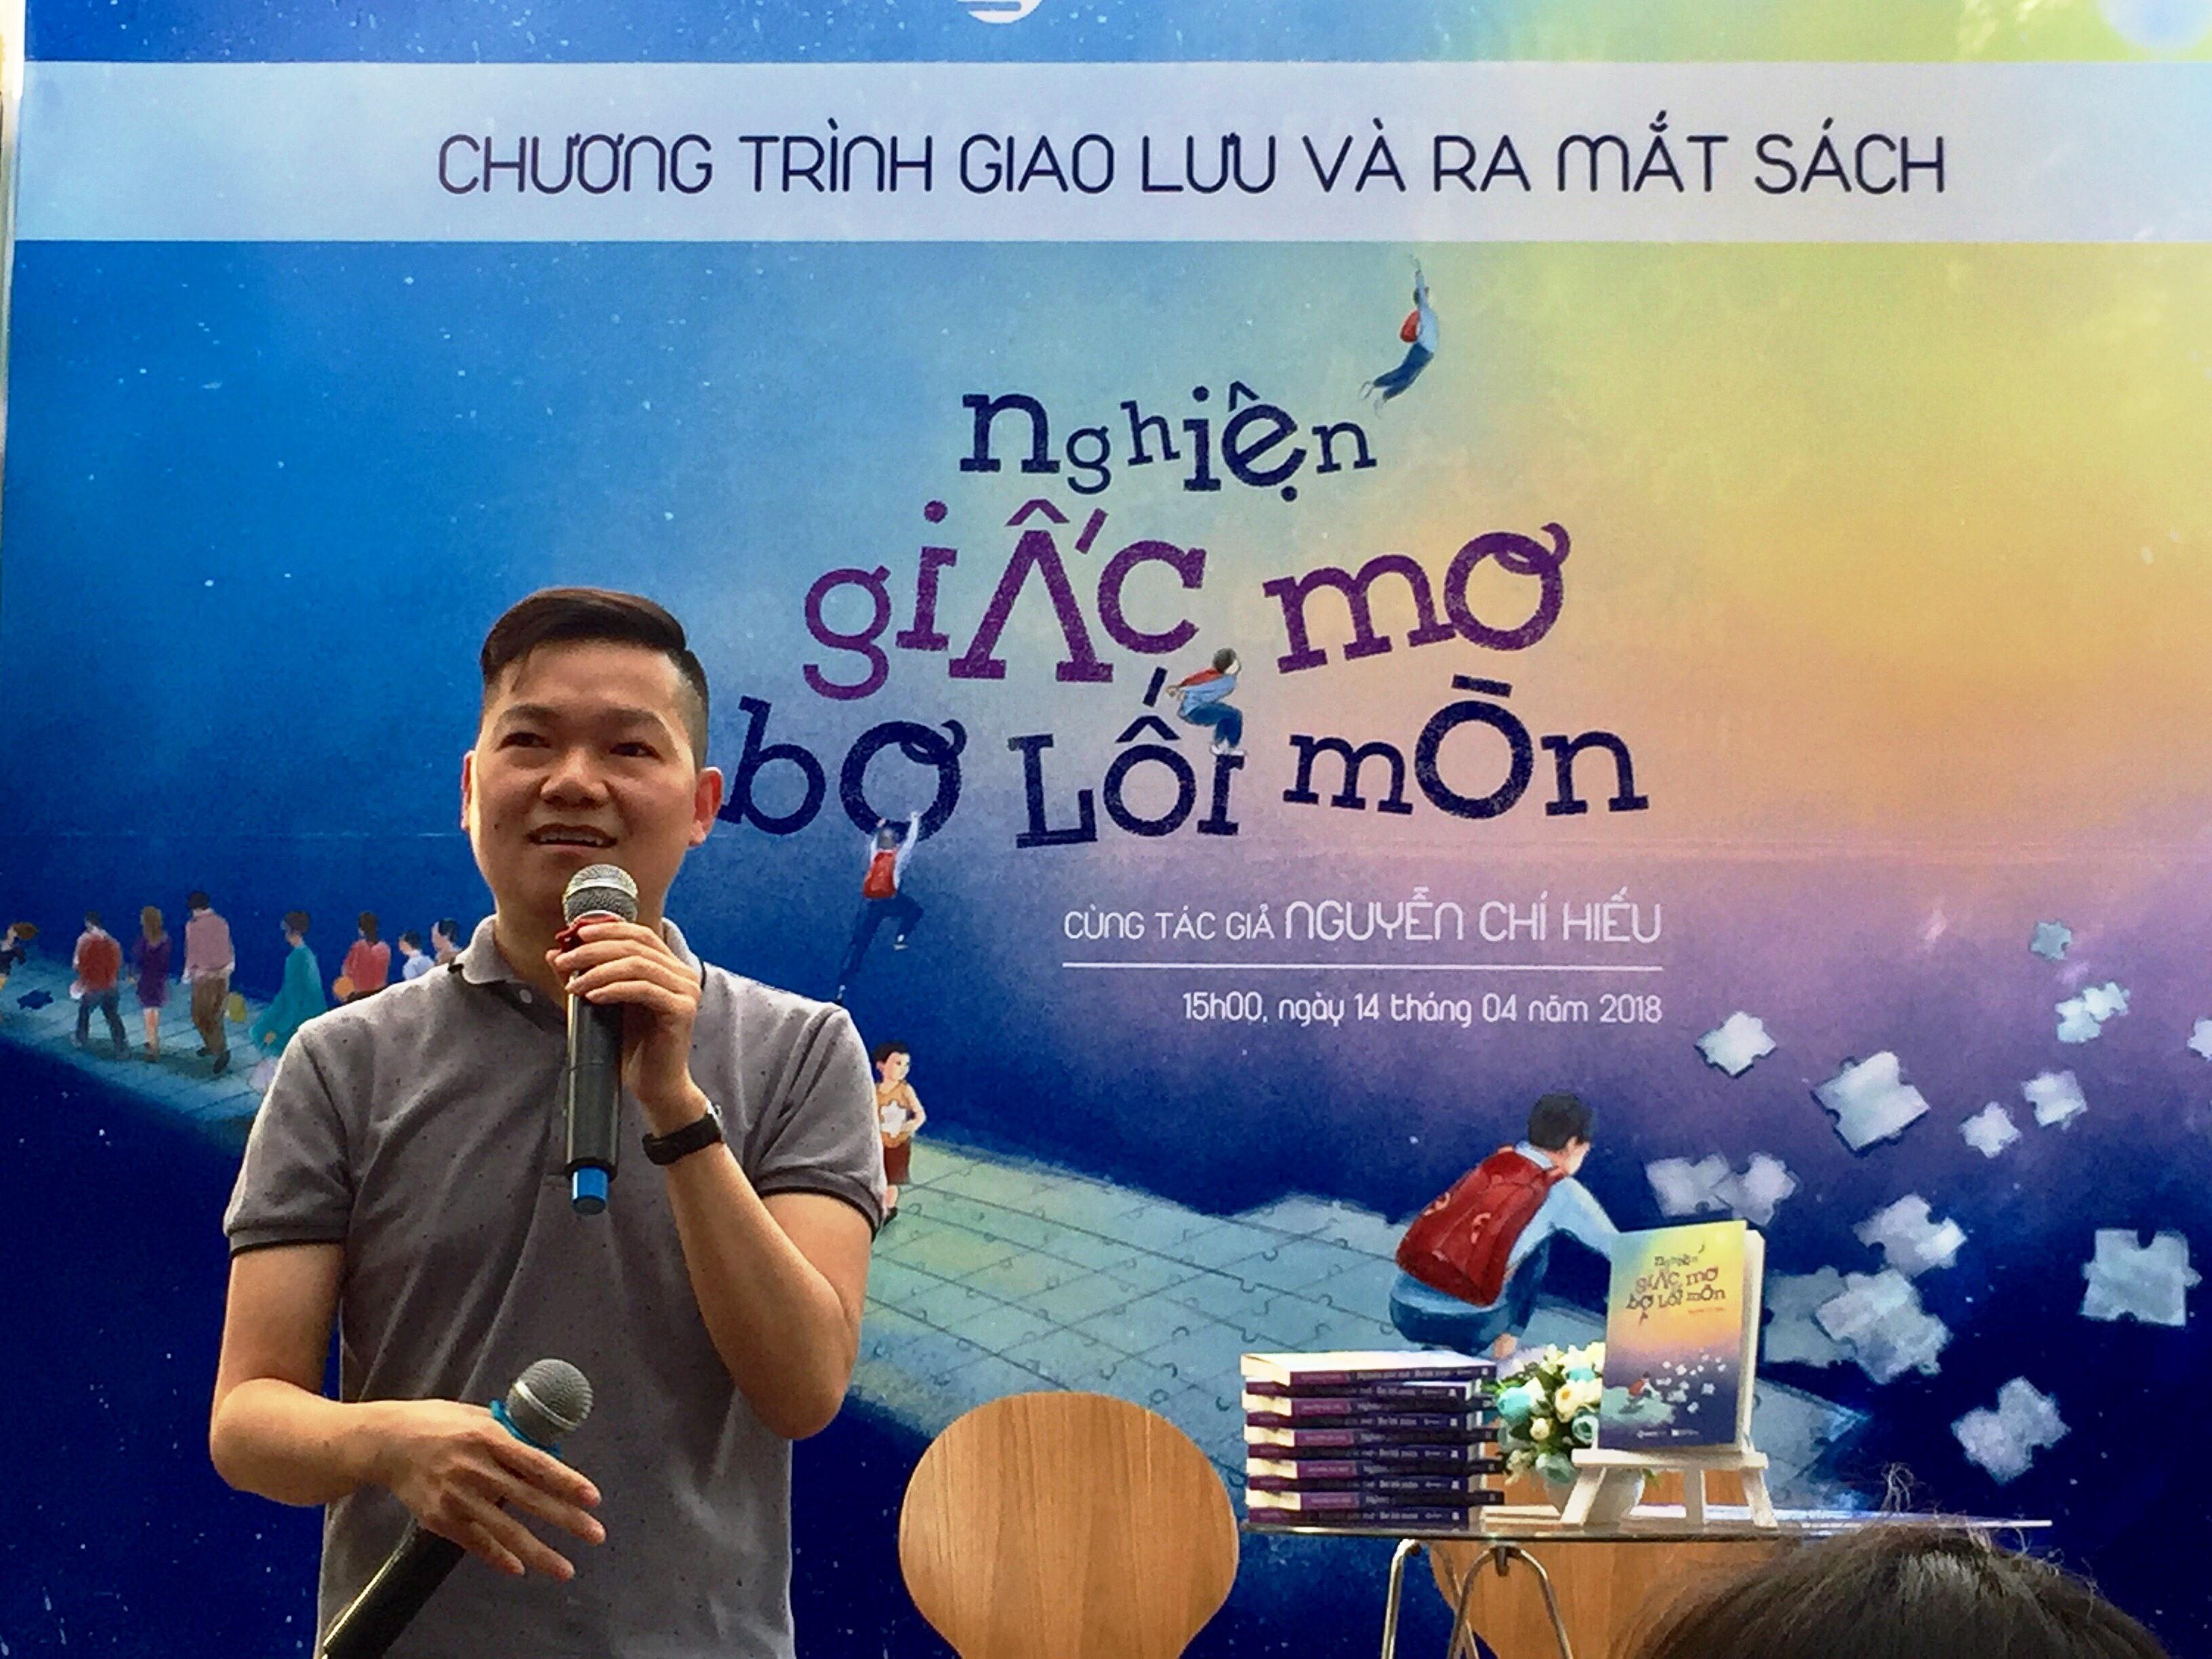 Nguyễn Chí Hiếu chia sẻ tại buổi ra mắt cuốn sách. Ảnh: daidoanket.vn